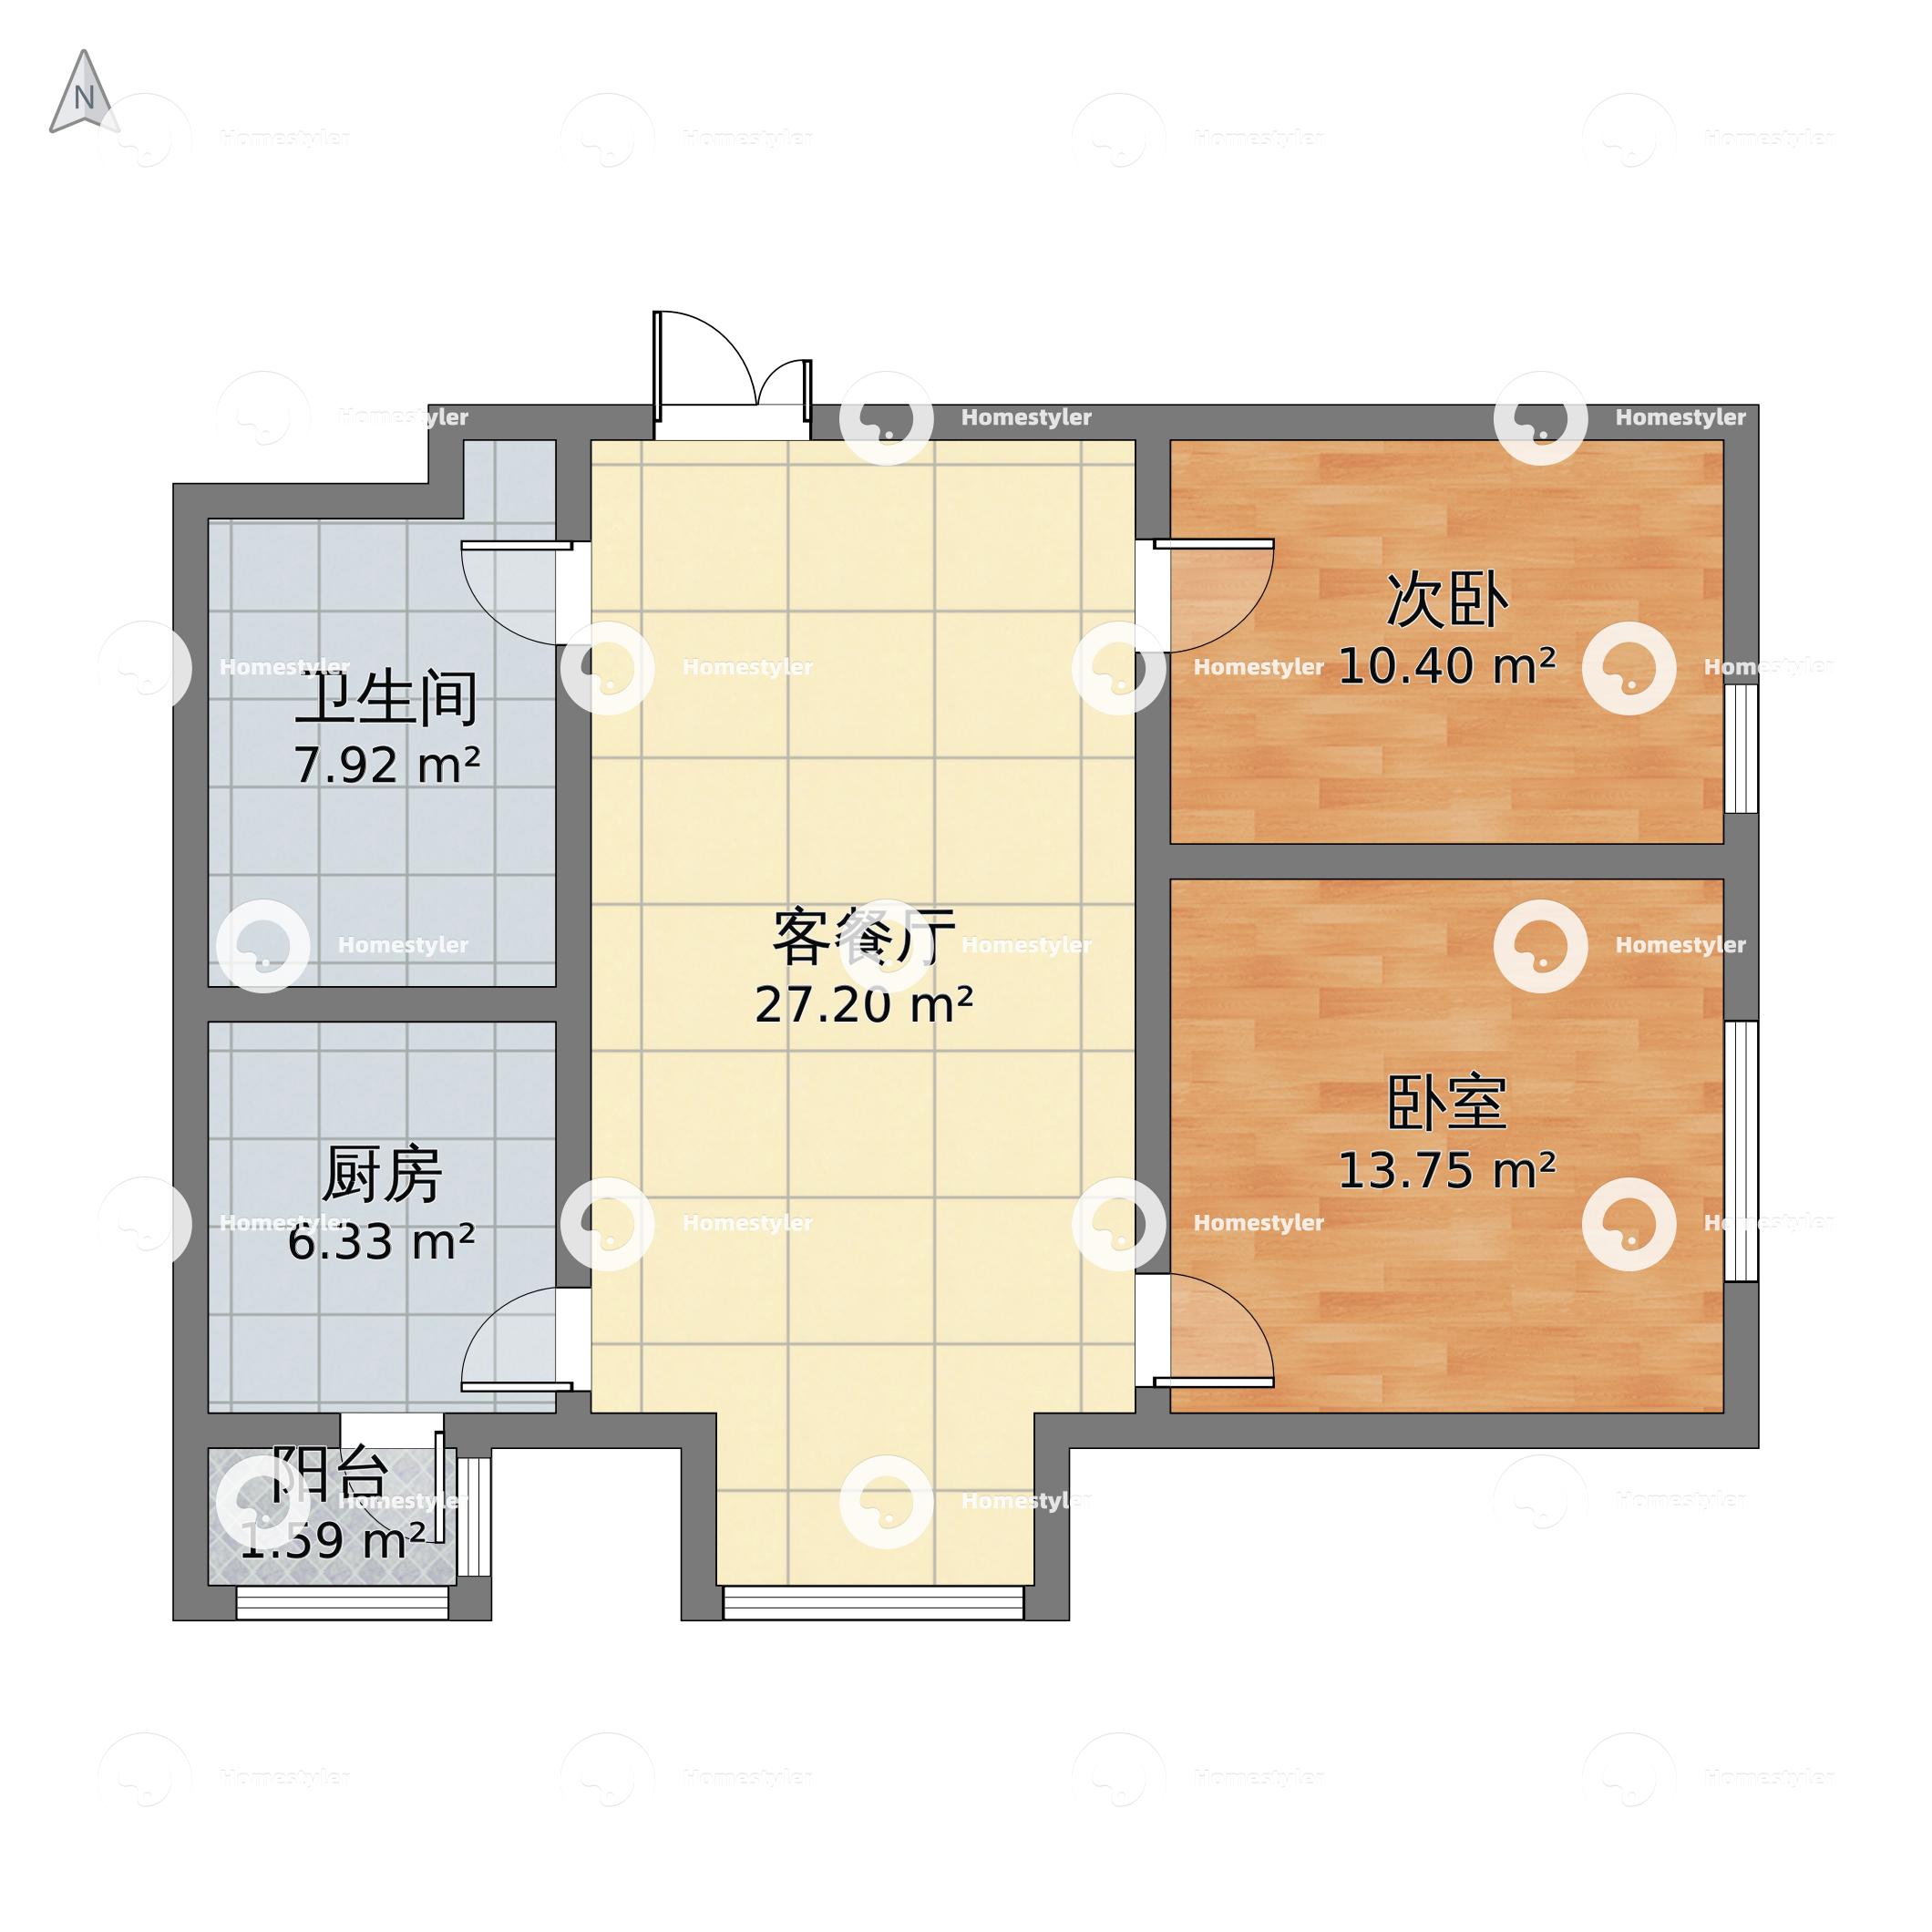 悠唐麒麟公馆ELITE公寓区户型图